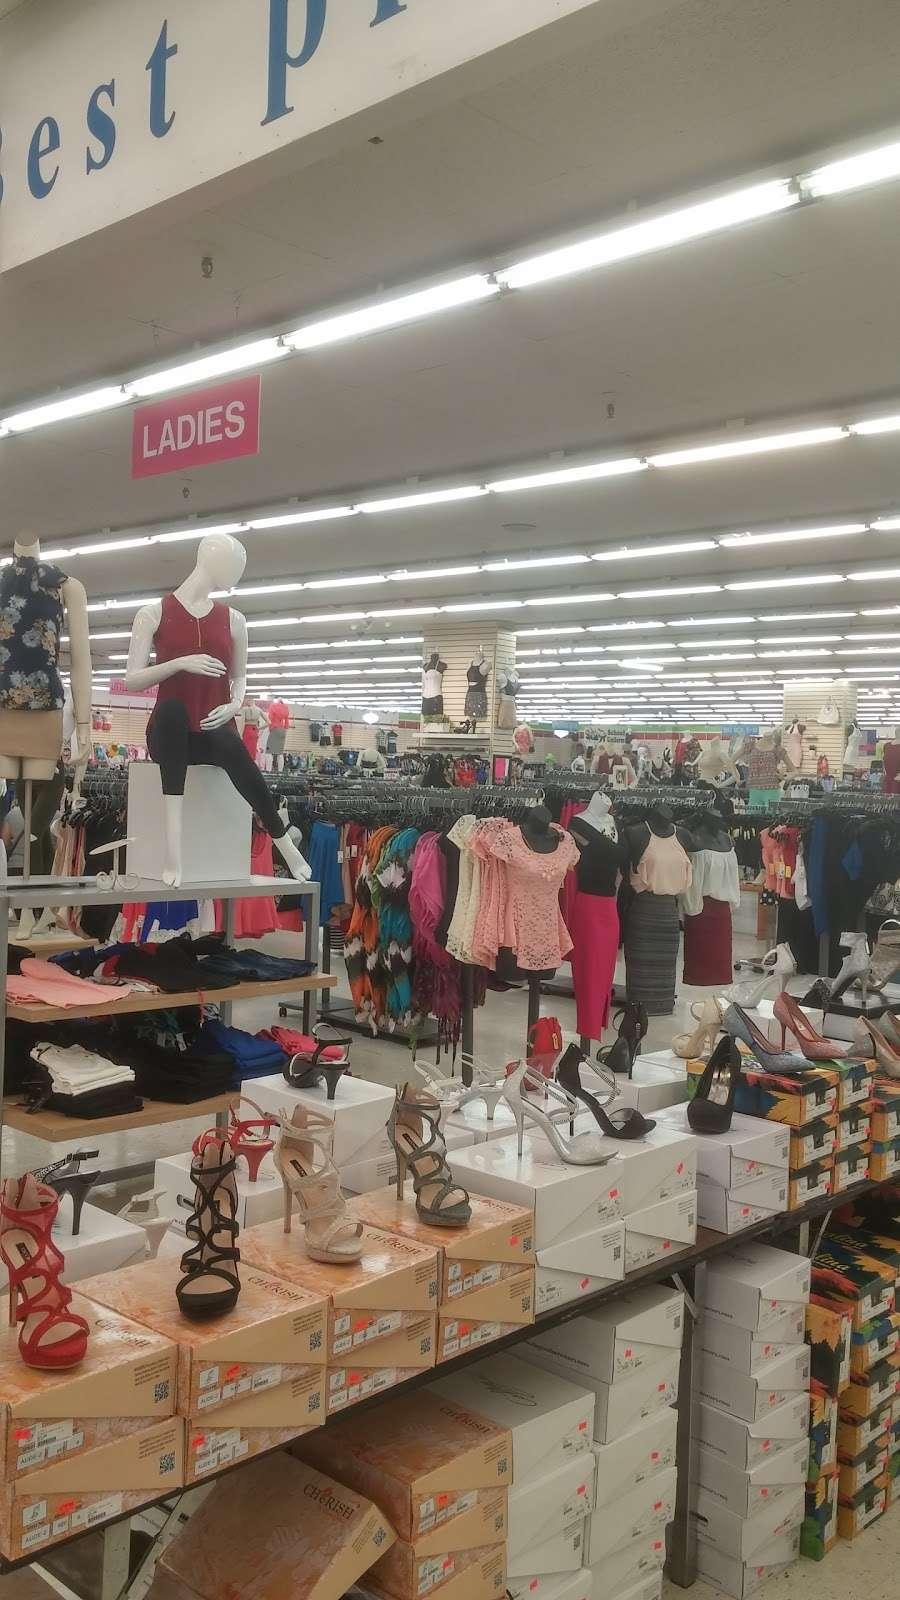 Viva Fashion Mart - clothing store  | Photo 3 of 10 | Address: 4305 State Ave, Kansas City, KS 66102, USA | Phone: (913) 287-8008